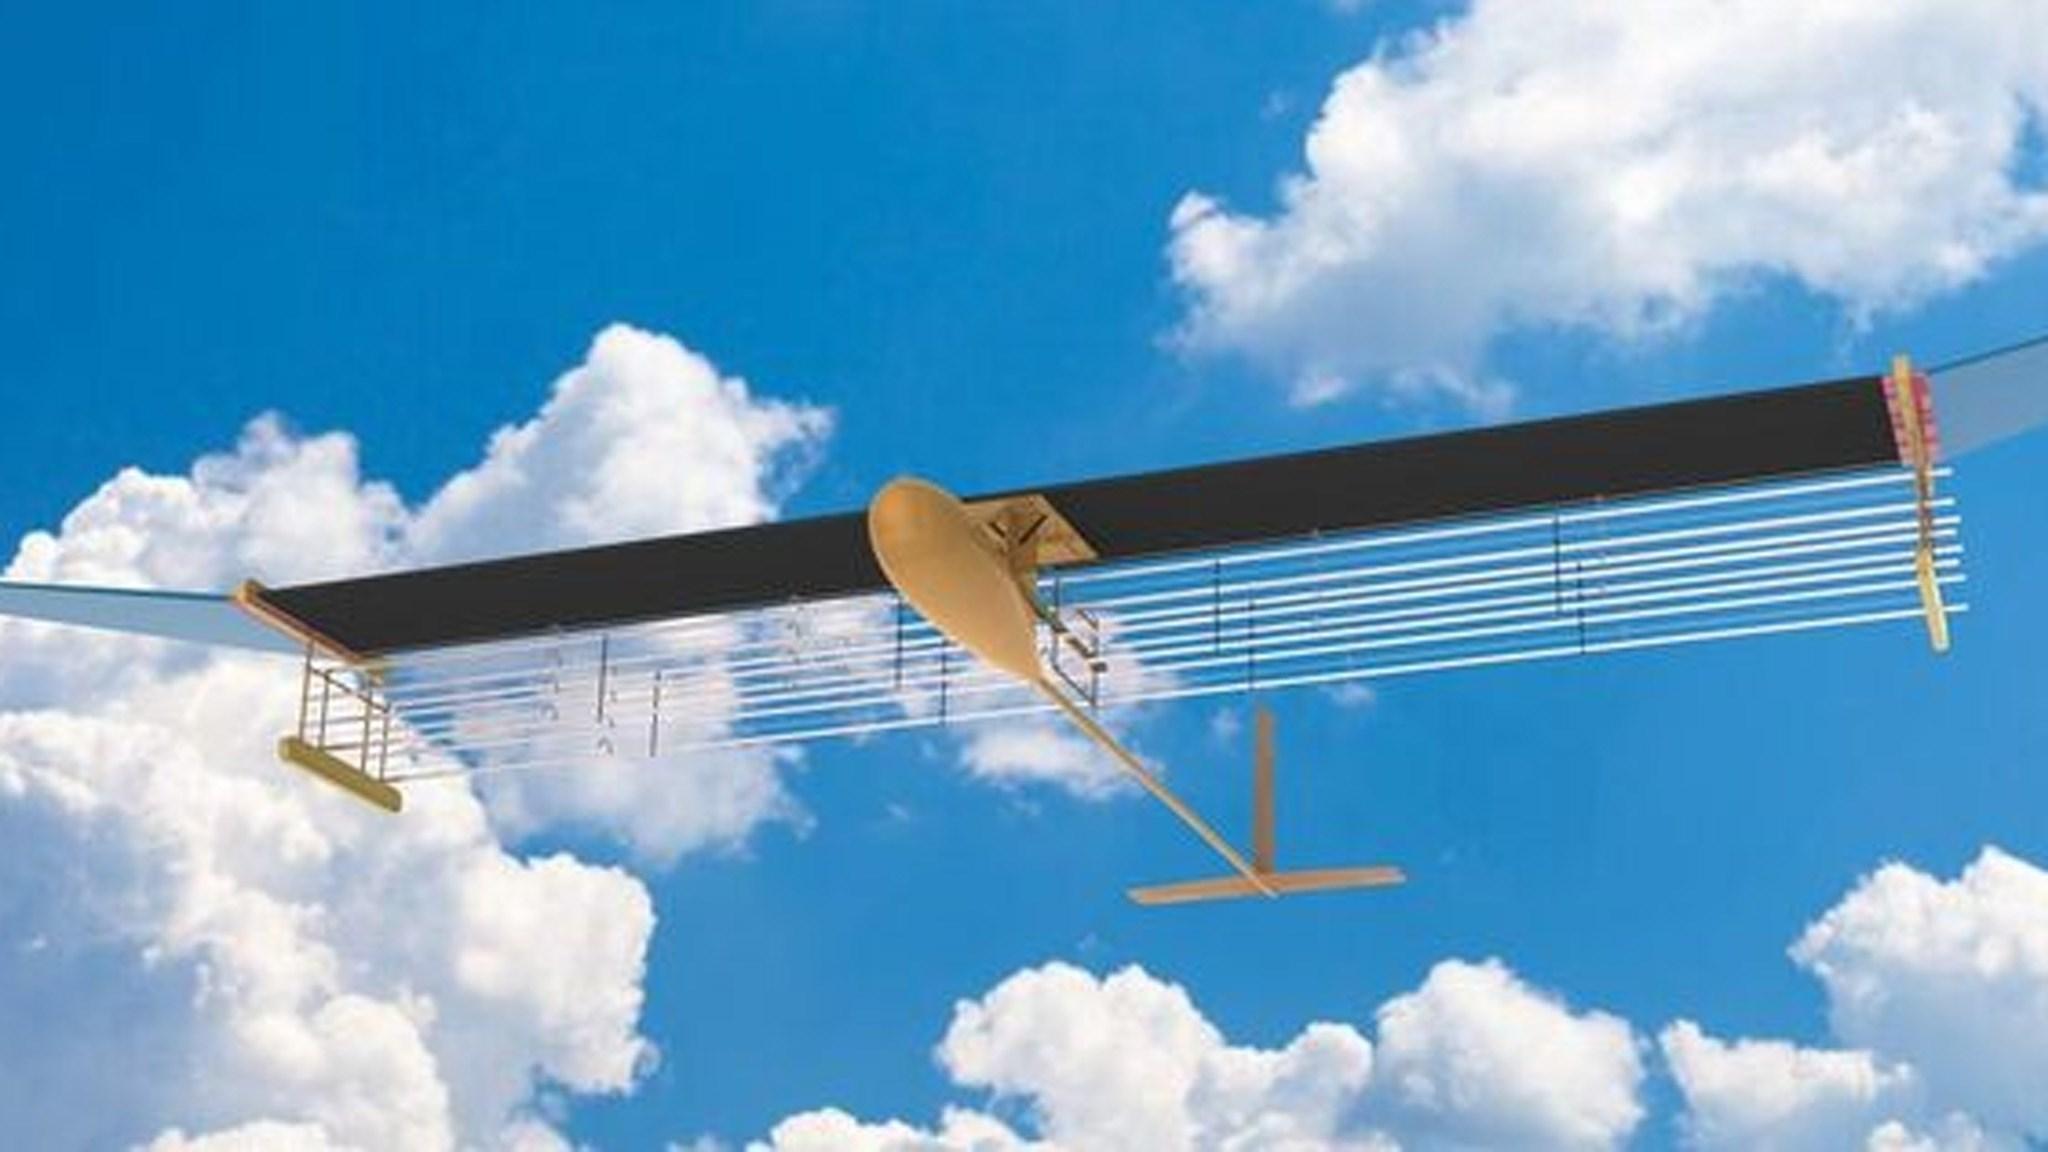 Ионный самолет - транспорт будущего?